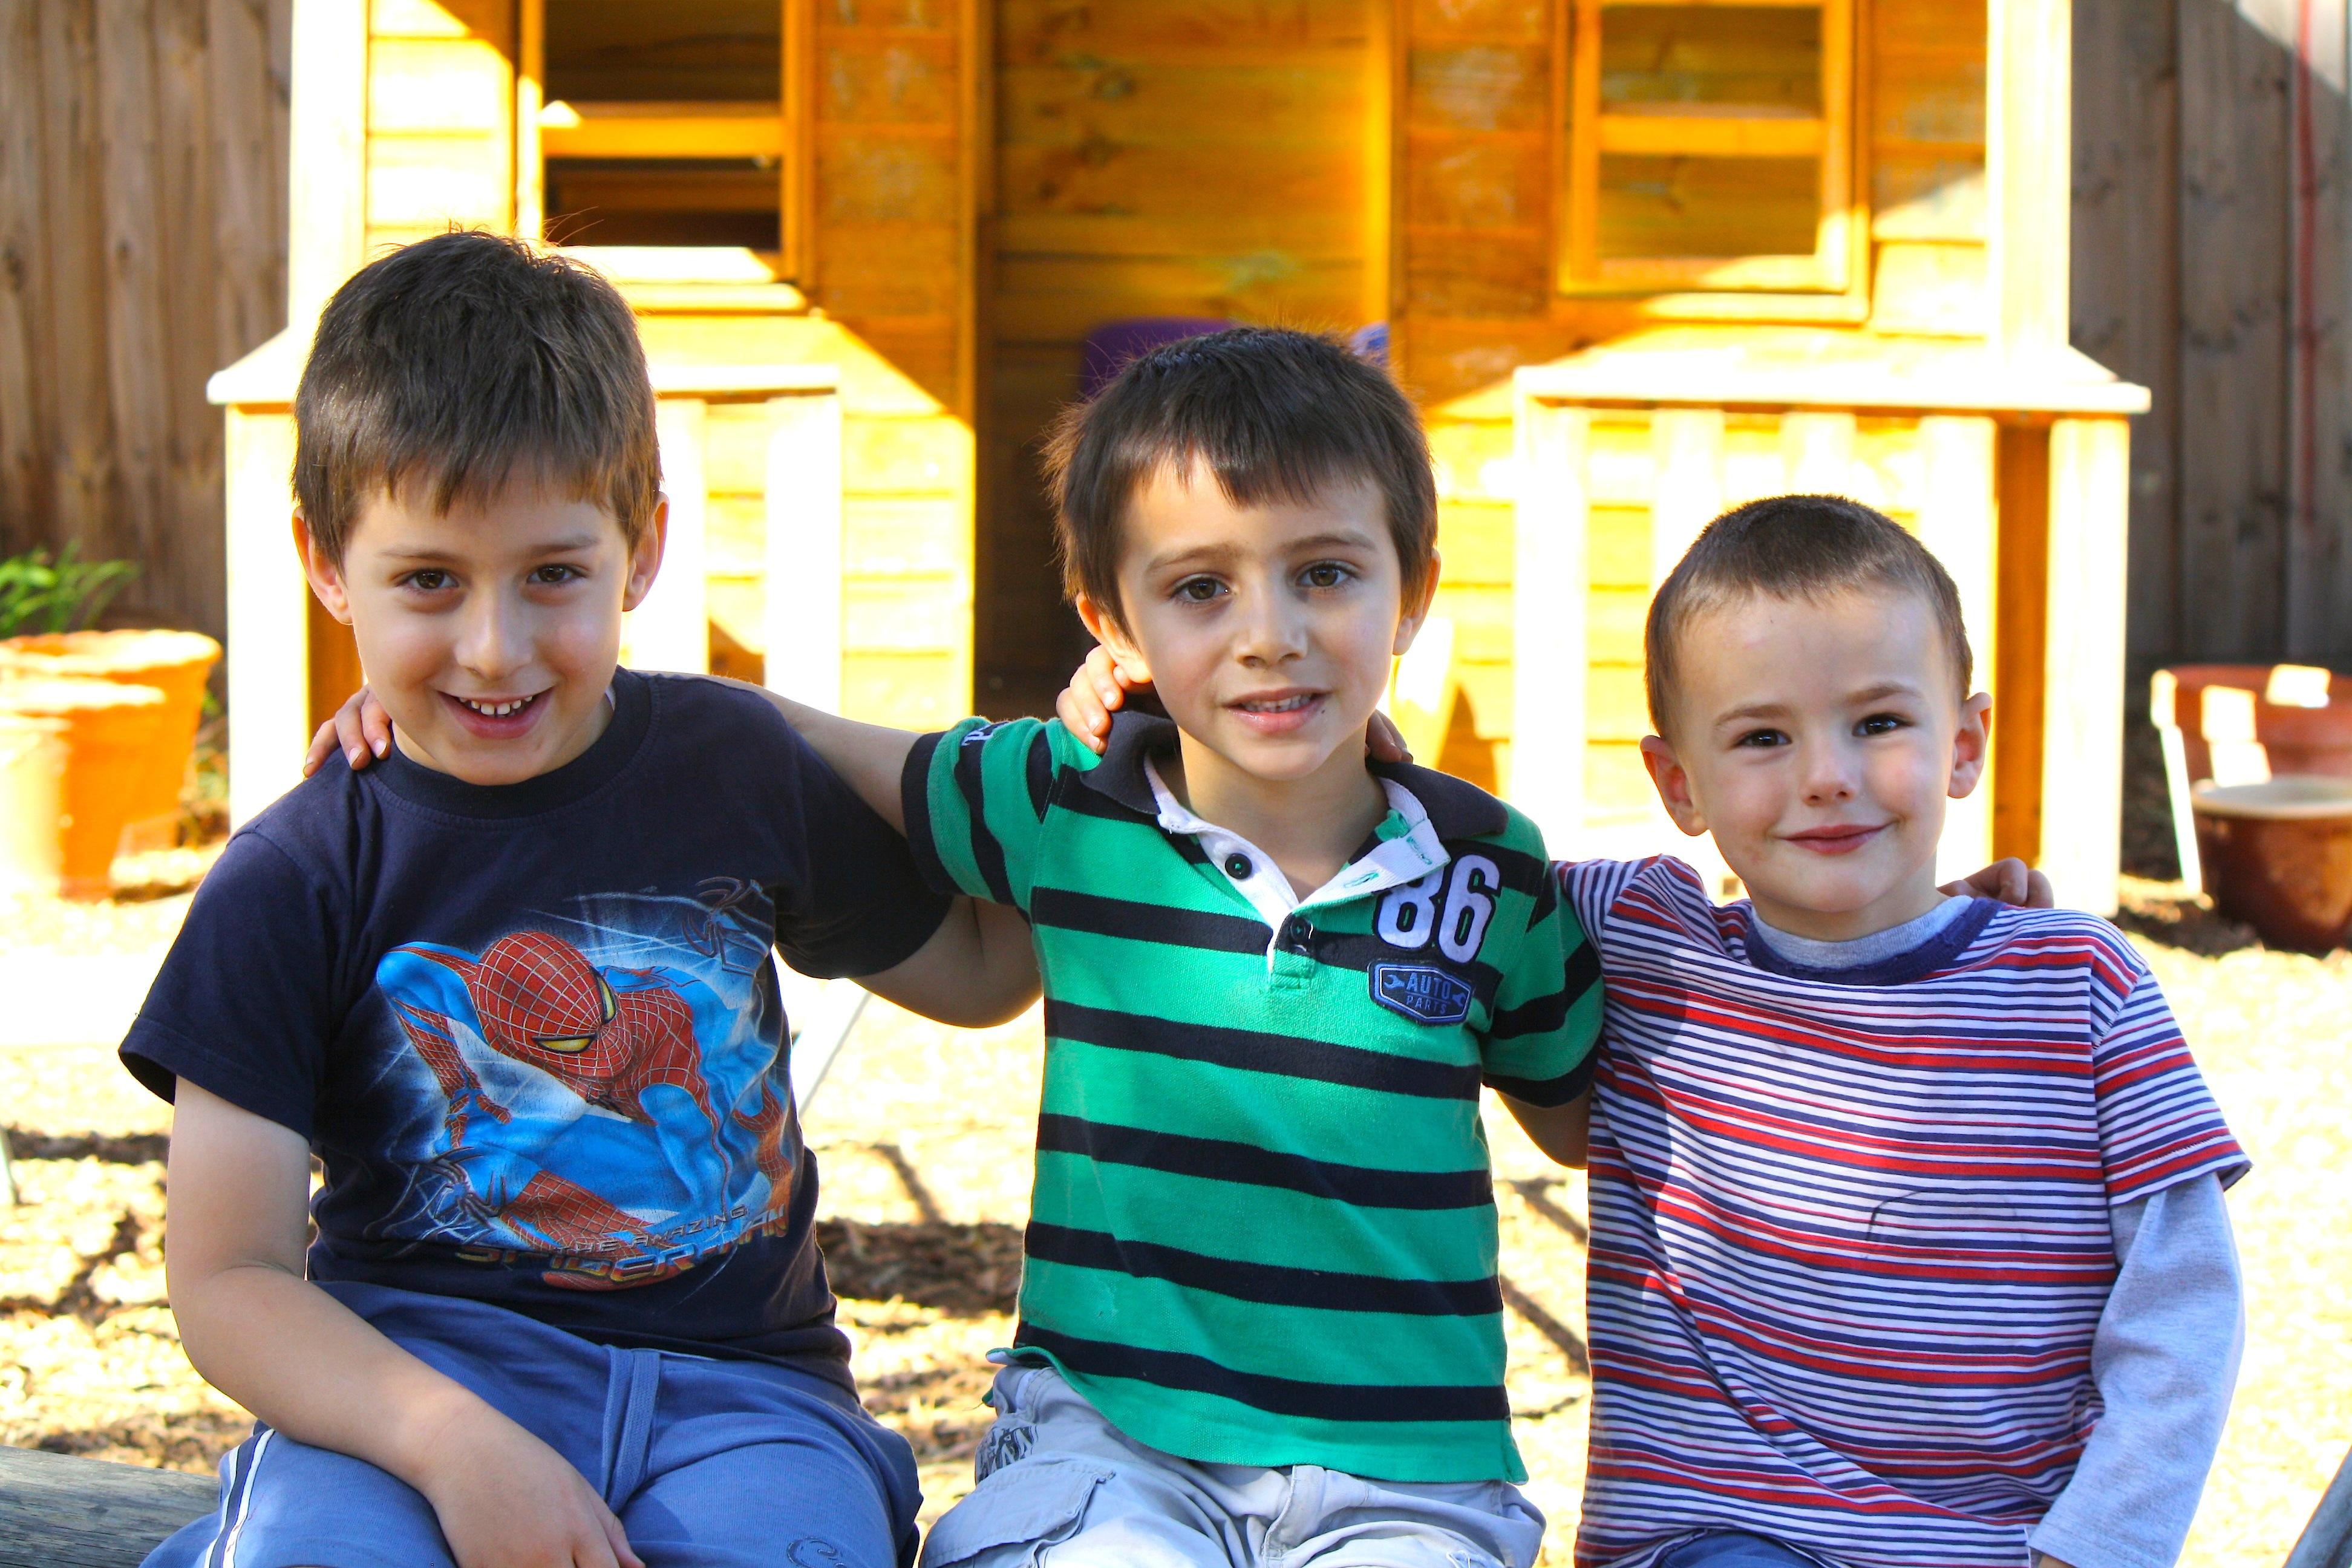 Three boys sitting in a row